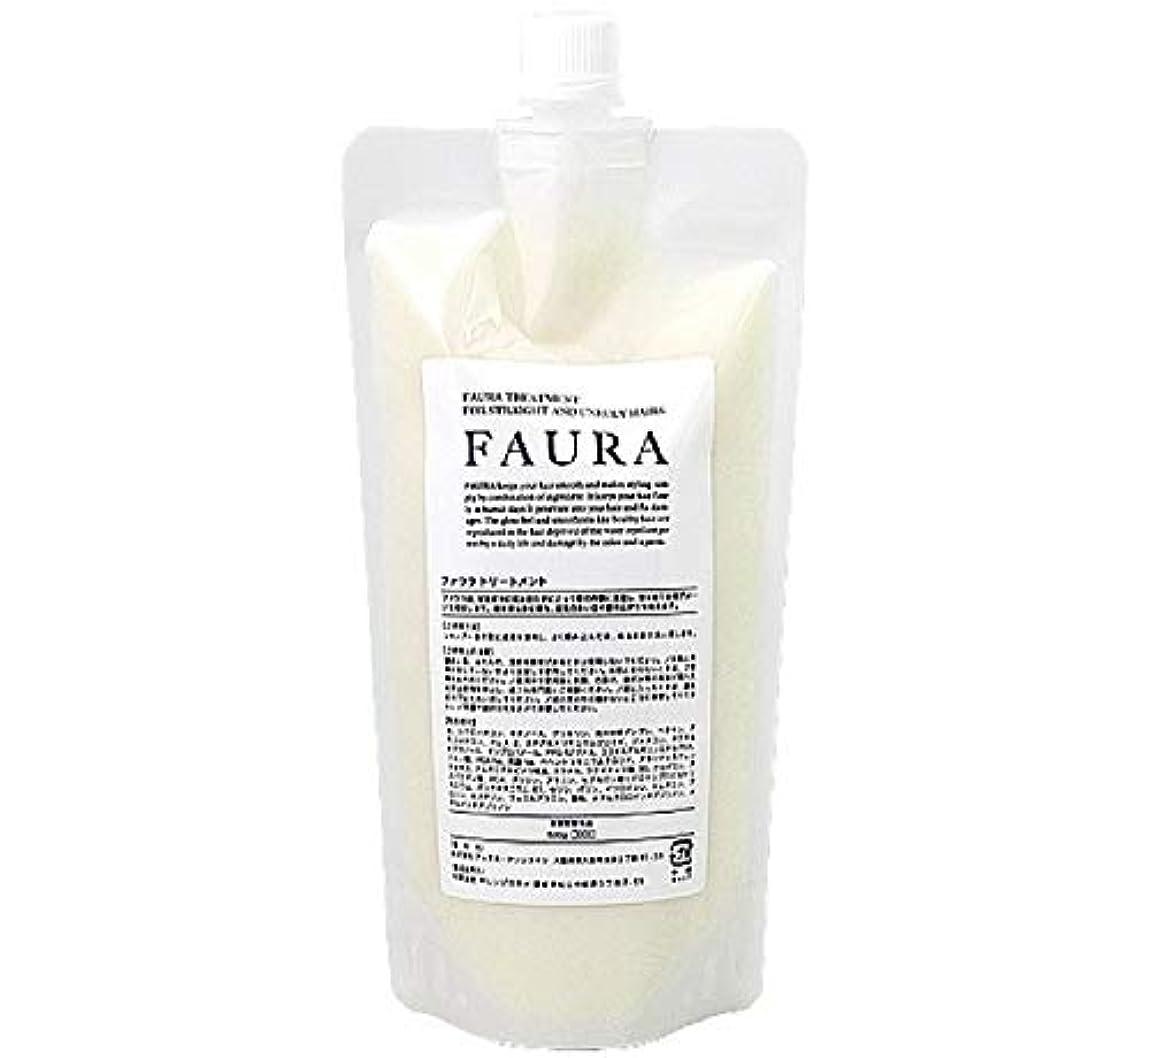 浴散らす早い【発売1年で3万本の売上】FAURA ファウラ ヘアトリートメント (傷んだ髪に) 詰替500g 【サロン専売品】